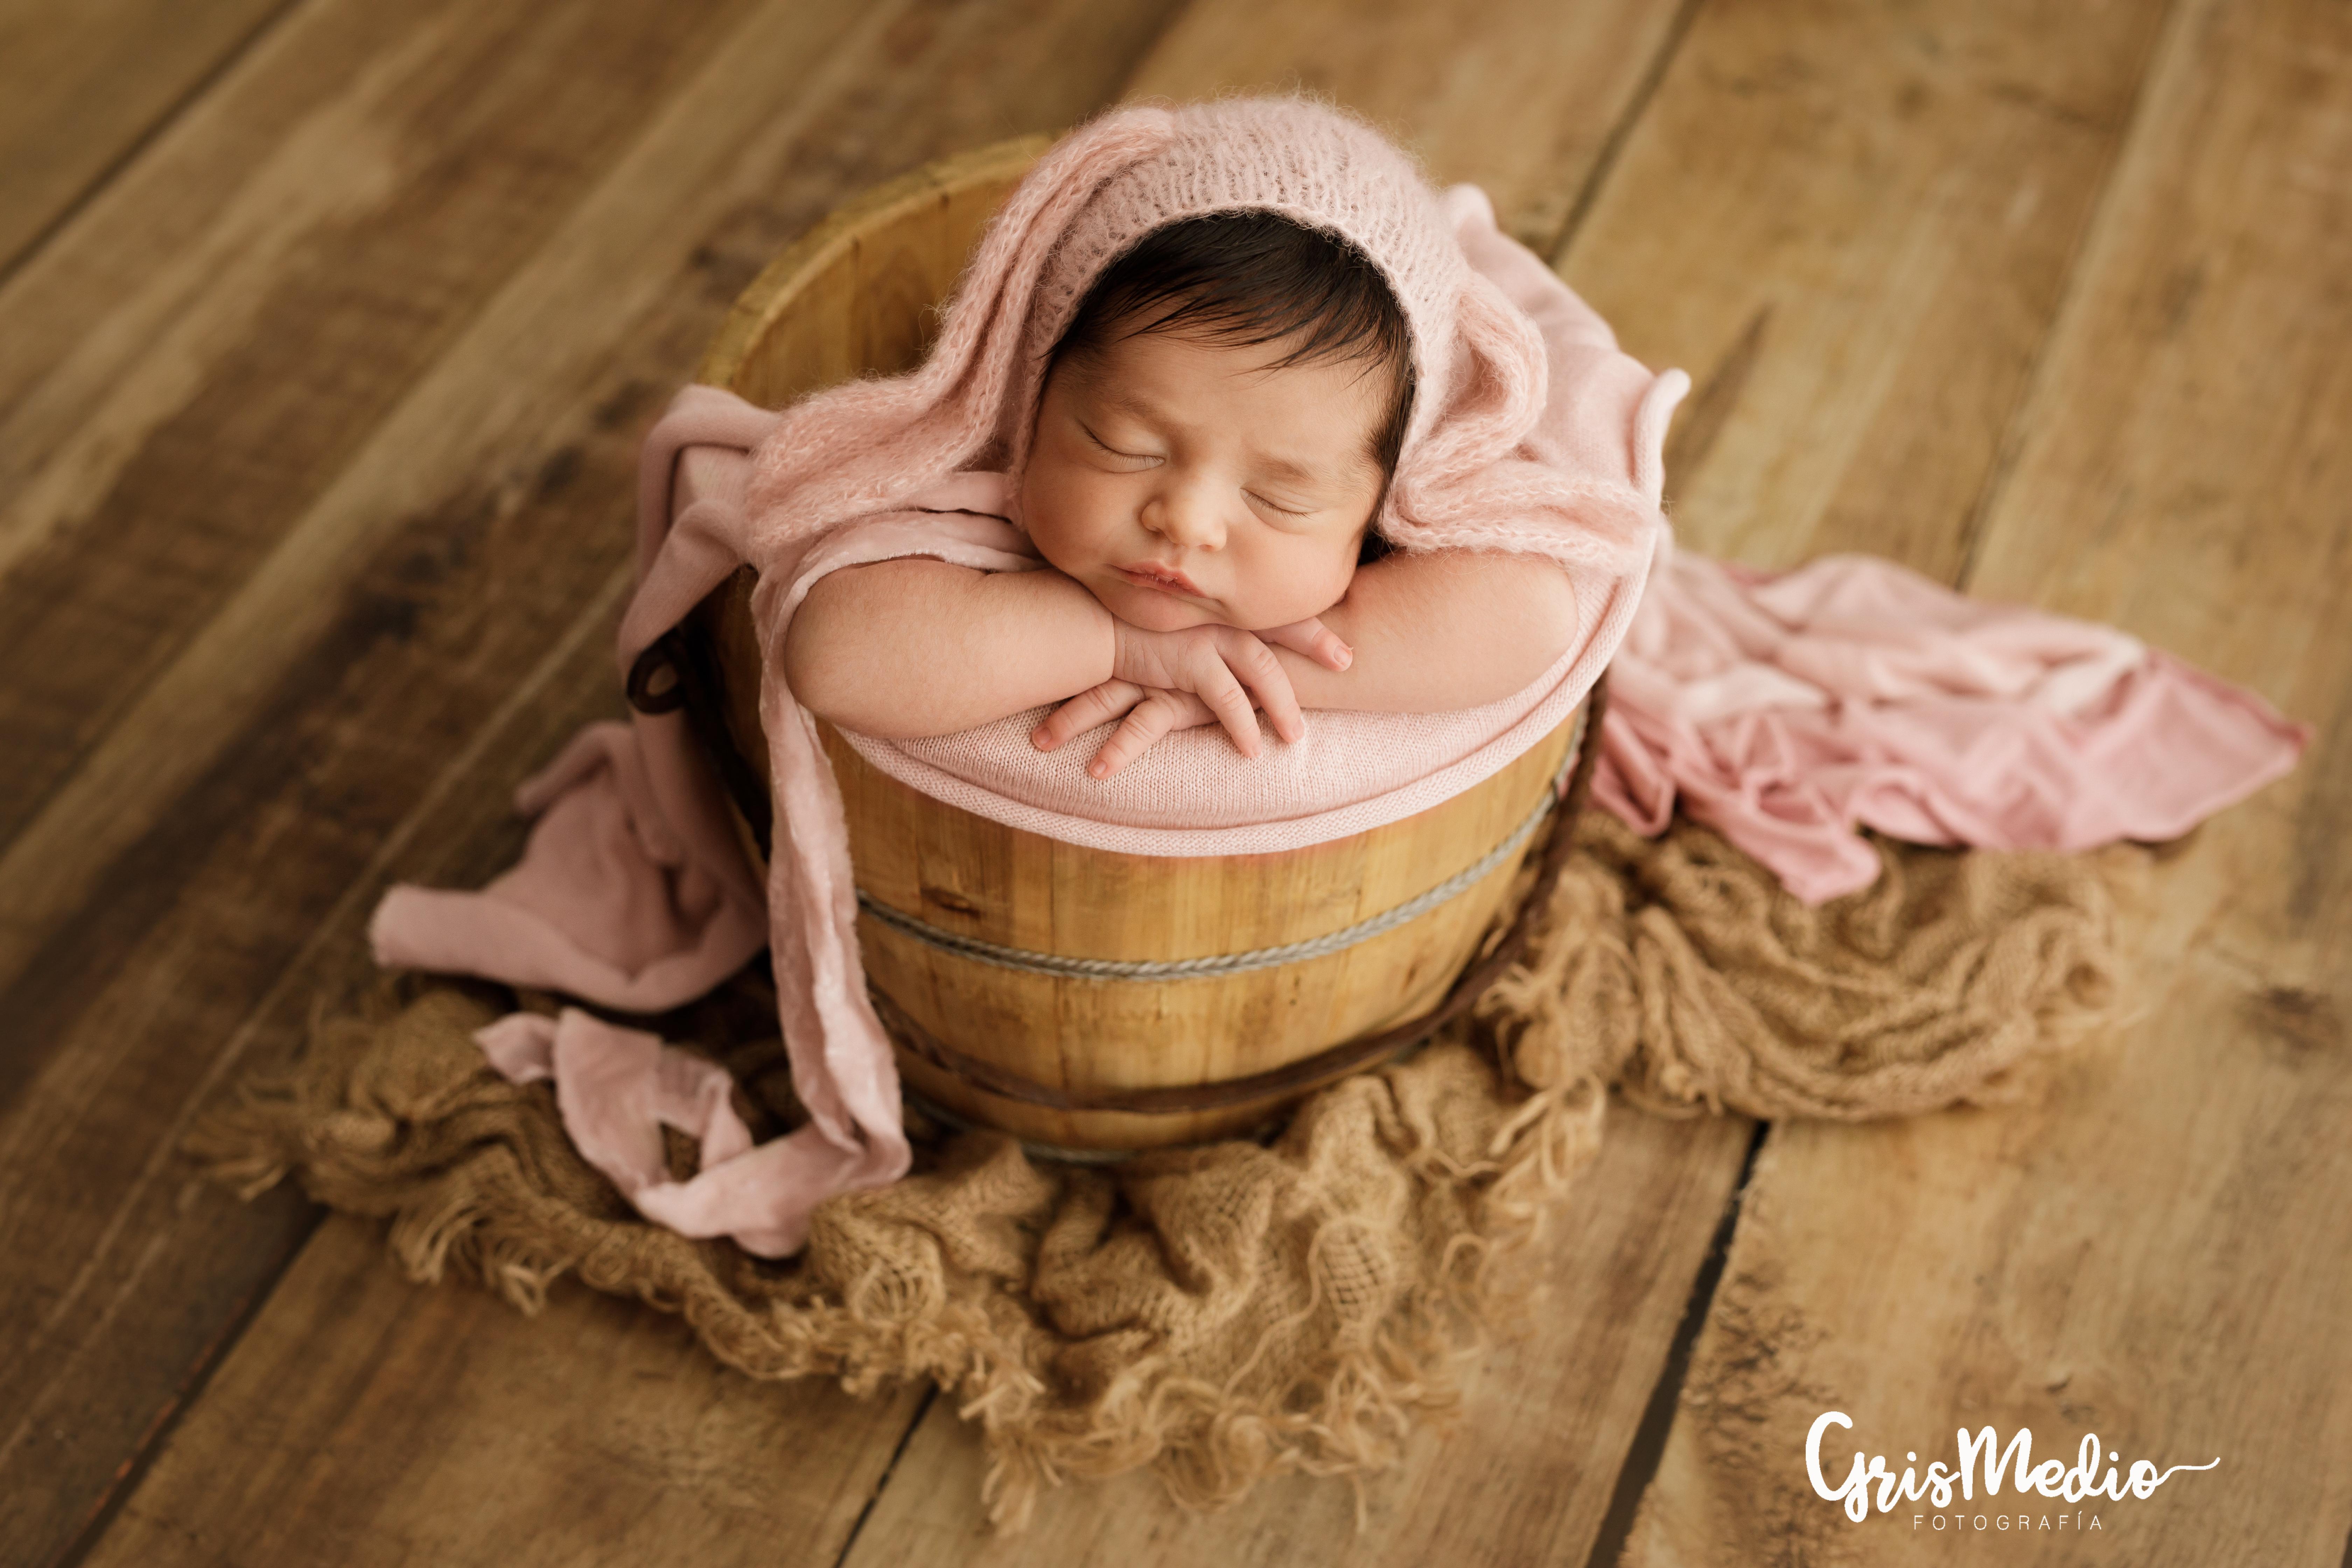 GrisMedio_Fotografía-_newborn-zaragoza-r4